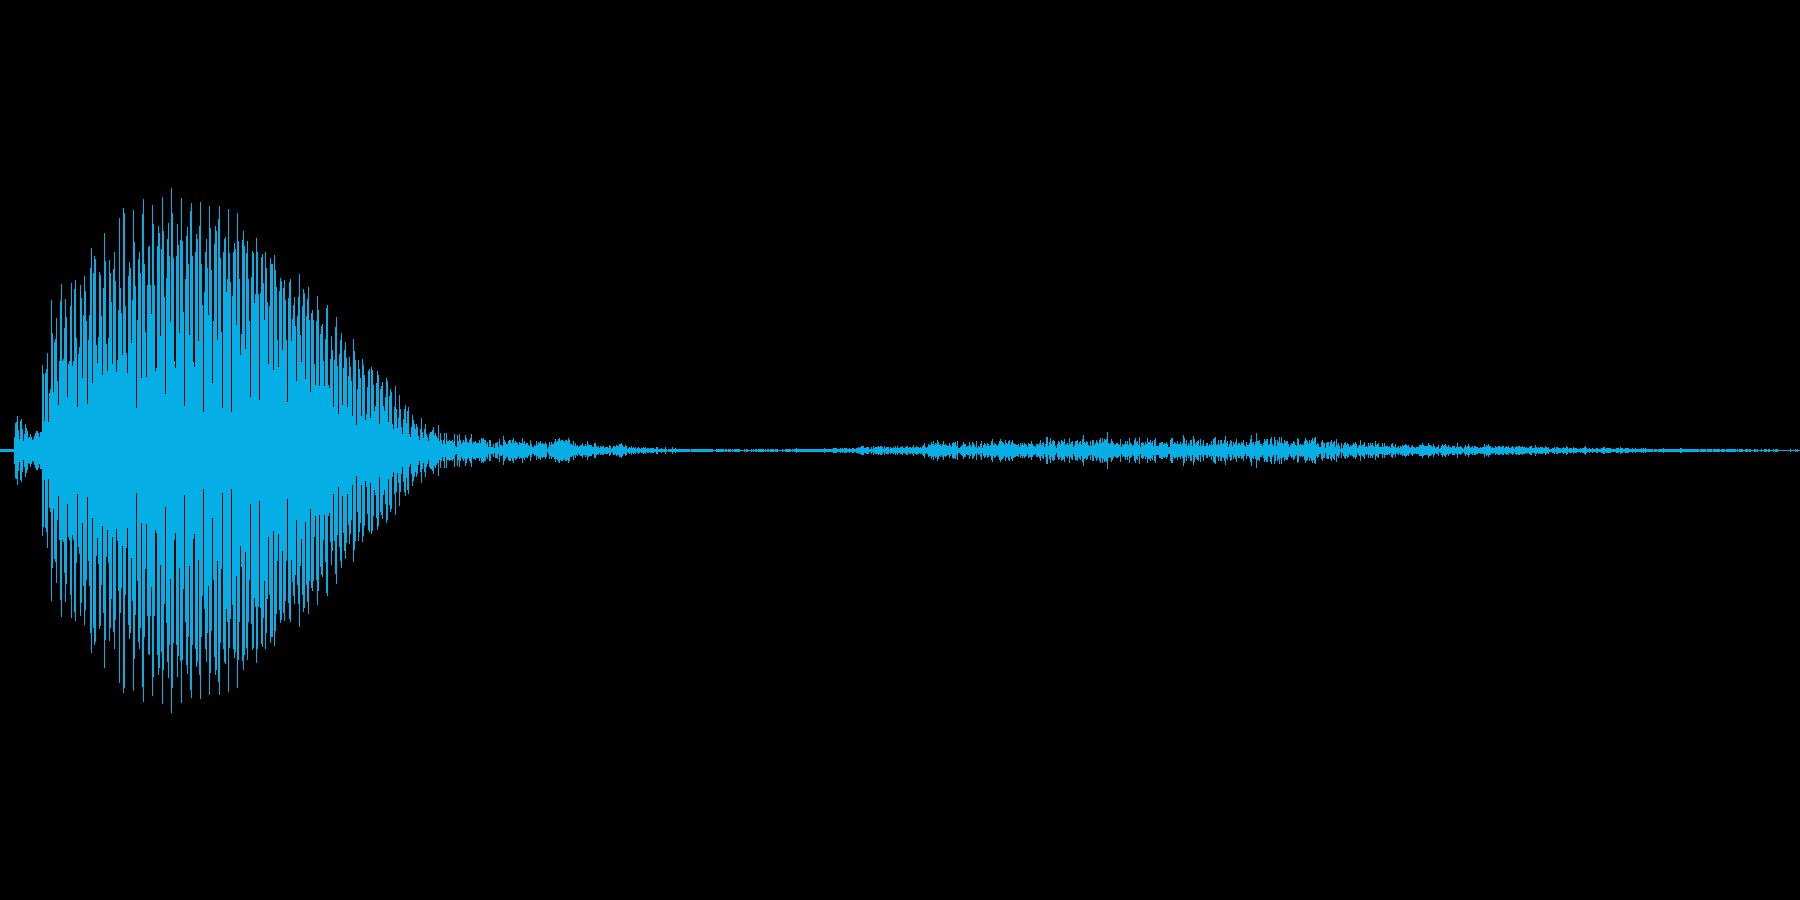 うっ【ダメージボイス、悲鳴】の再生済みの波形